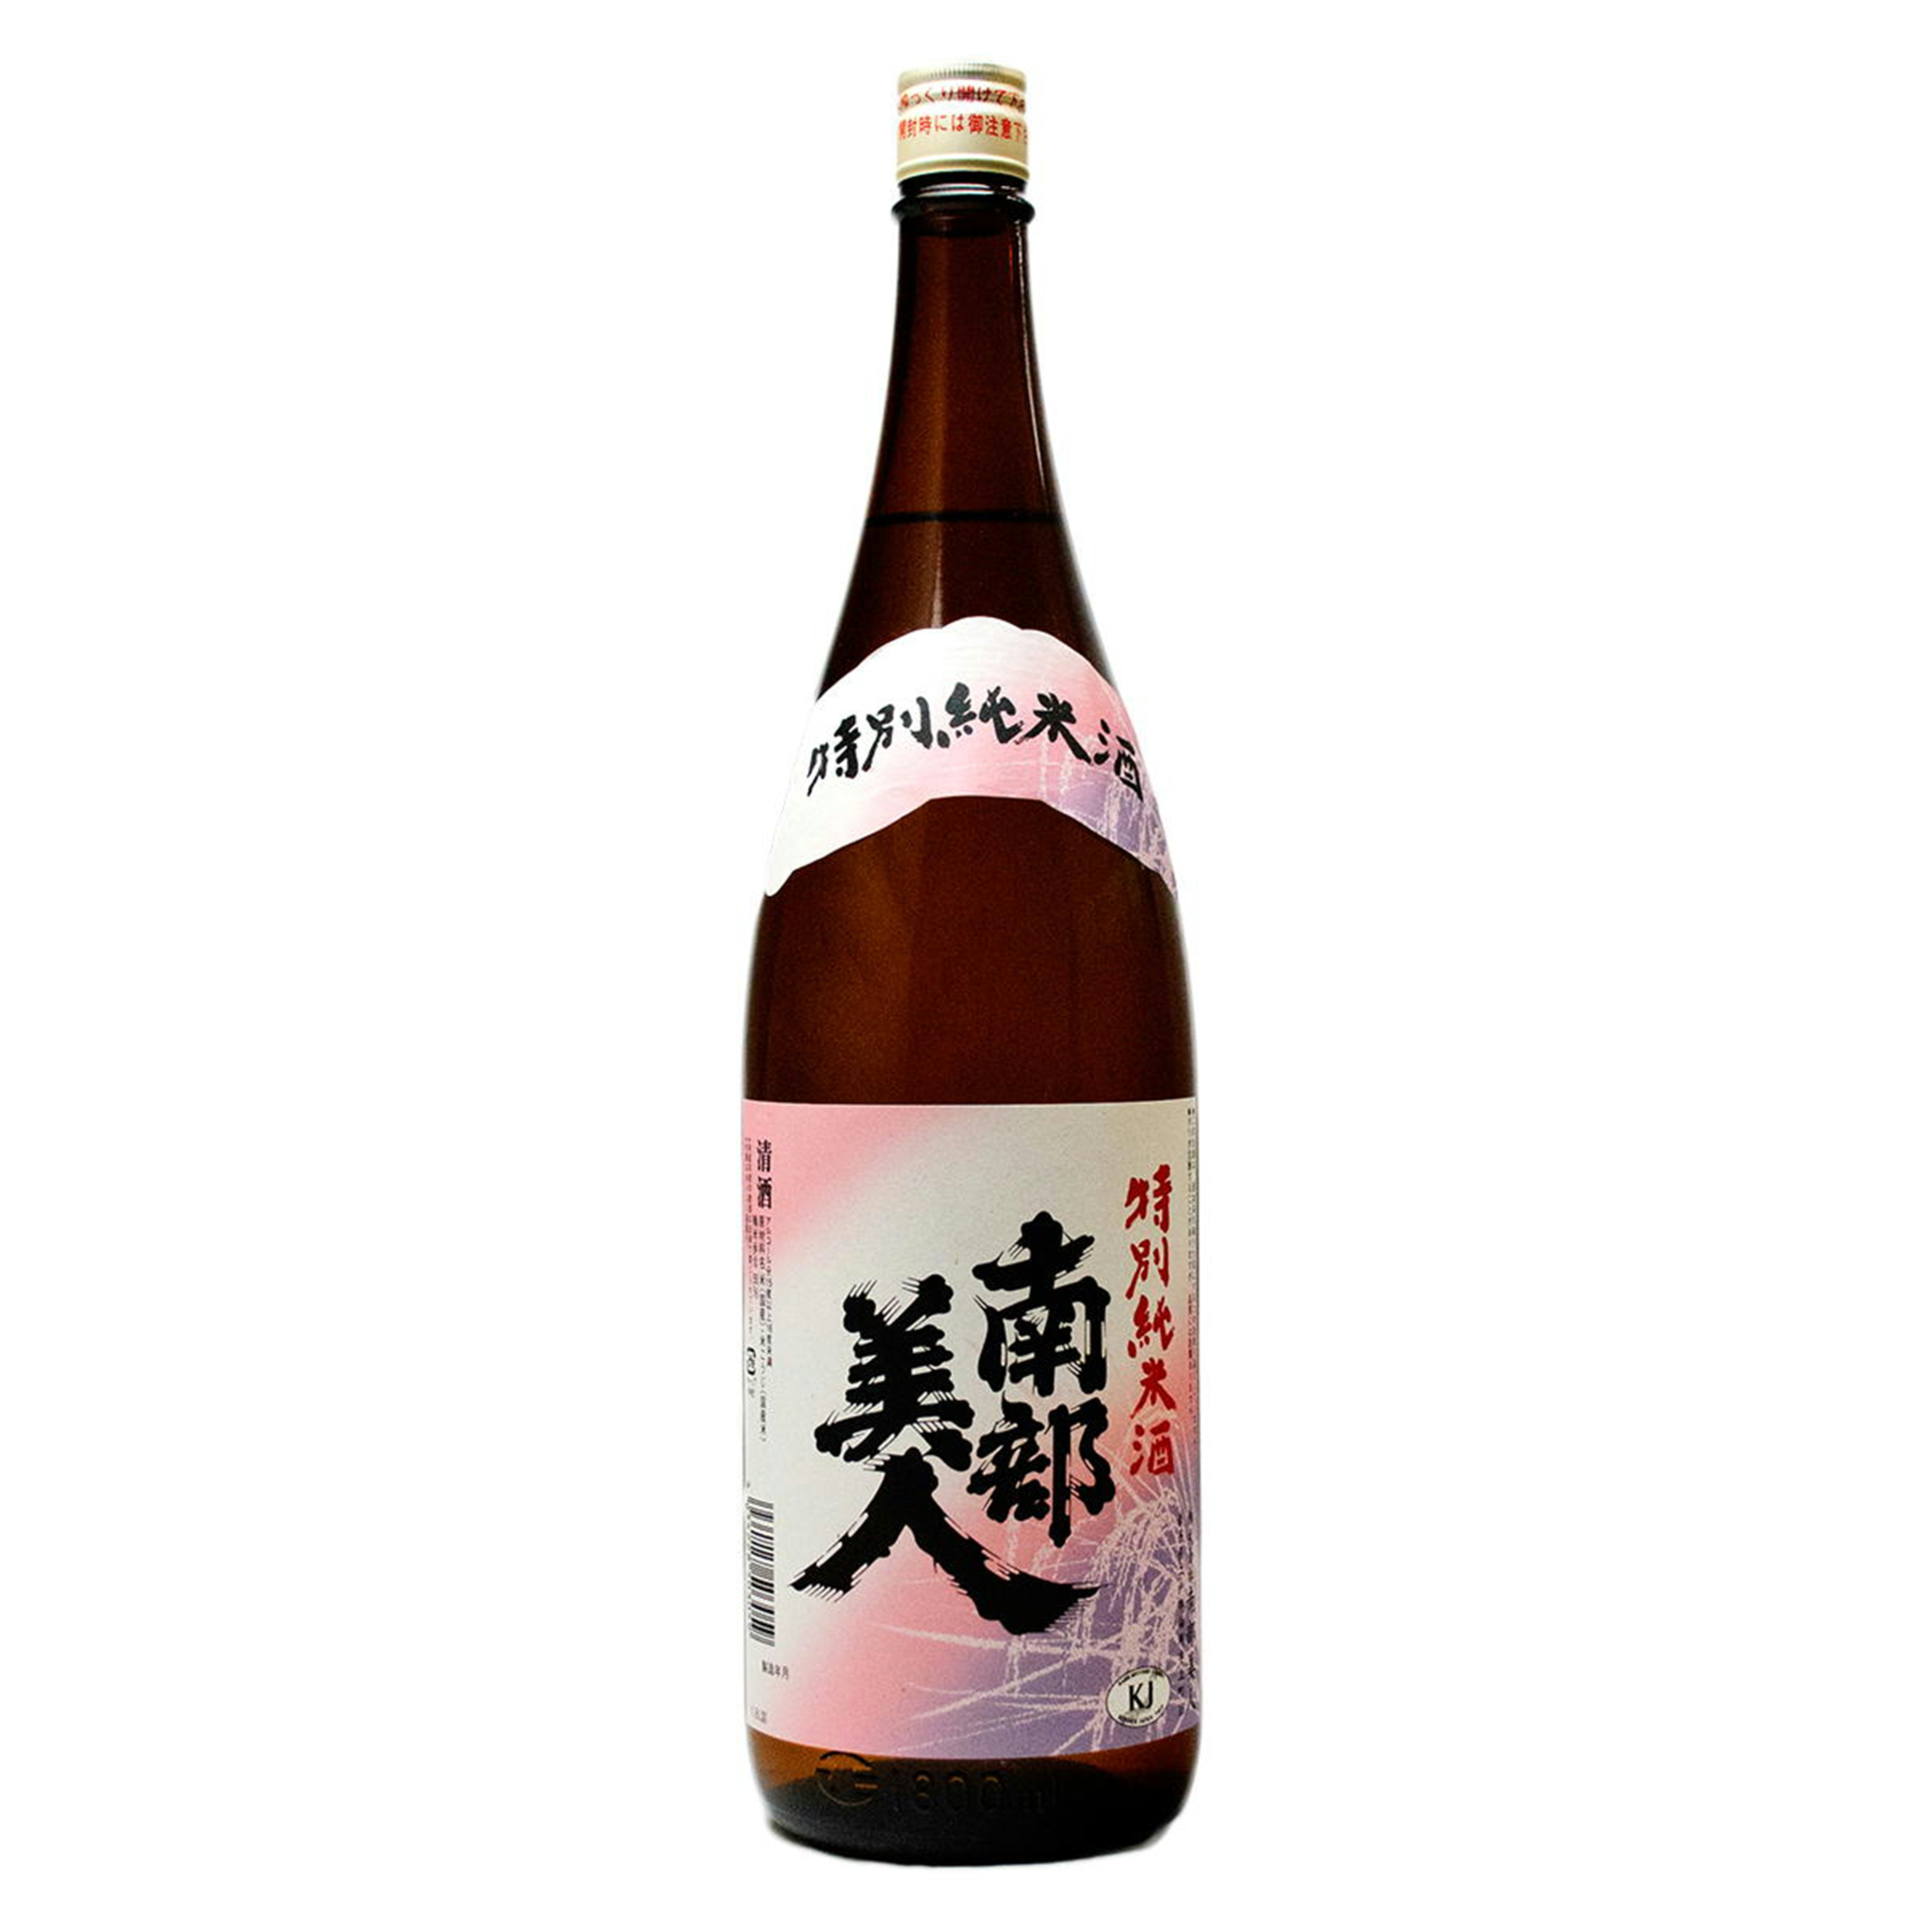 南部美人 特別純米酒 1800ml